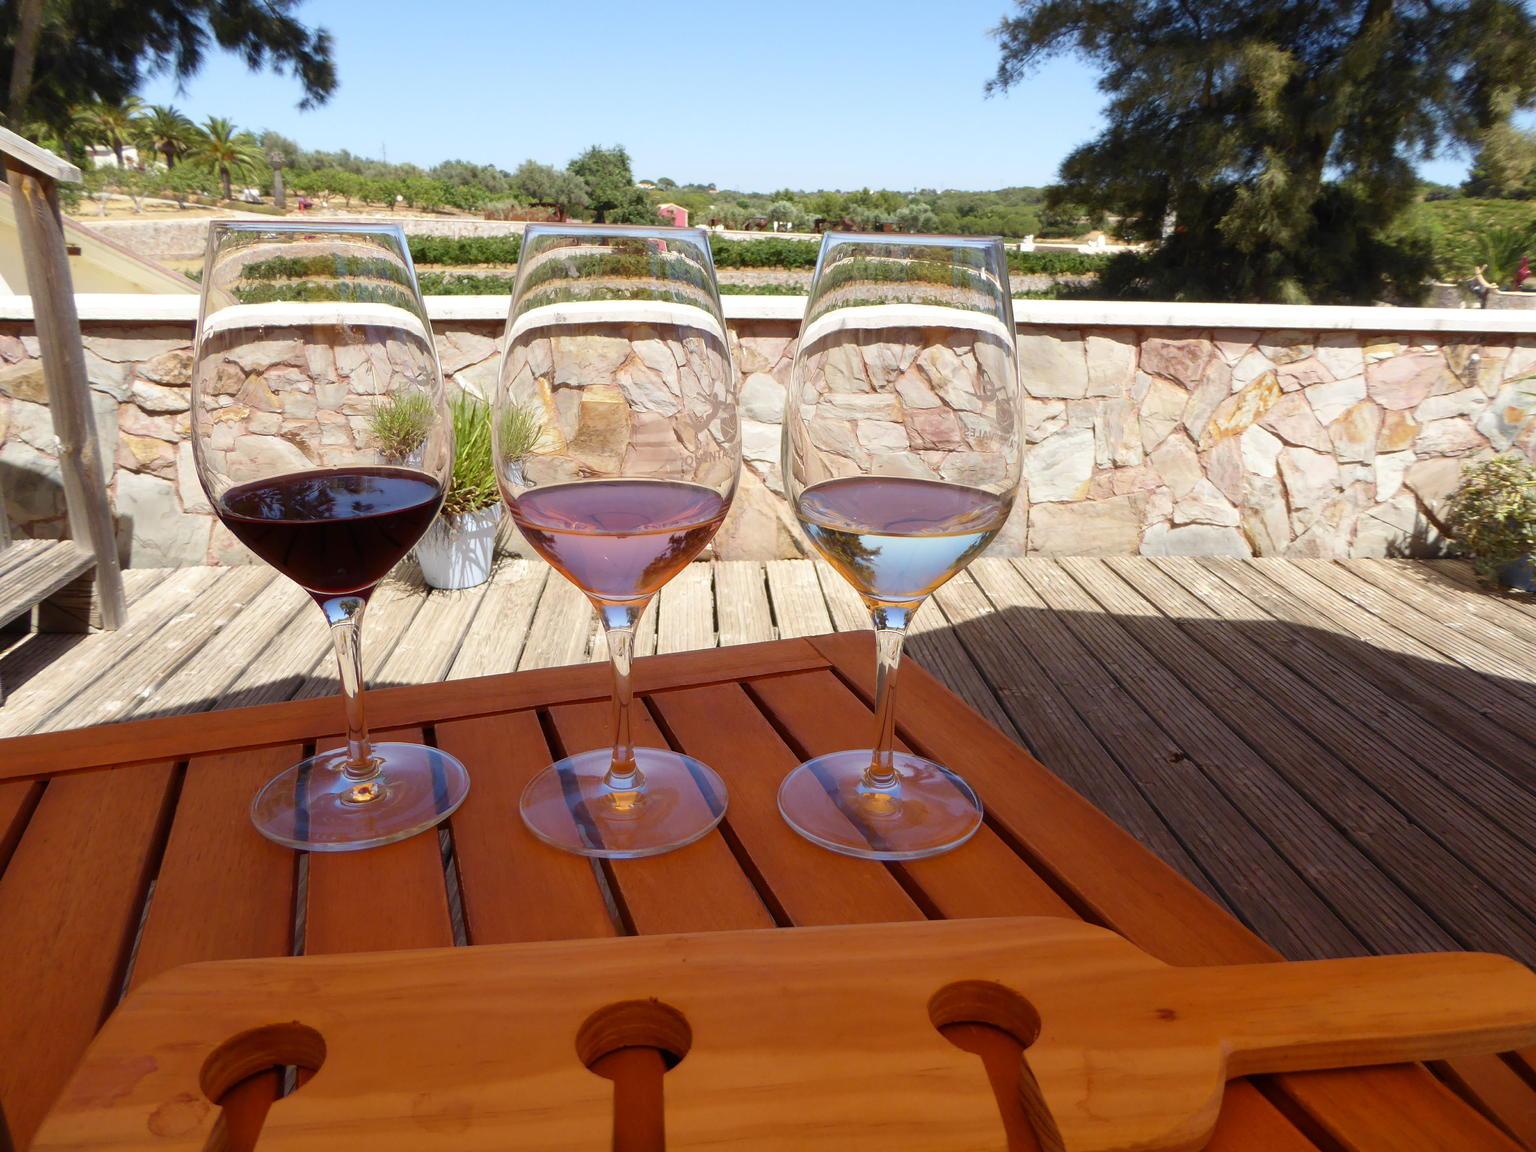 MAIS FOTOS, Excursão particular: excursão de degustação de vinhos e tapas em Algarve em motocicleta com sidecar saindo de Portimão